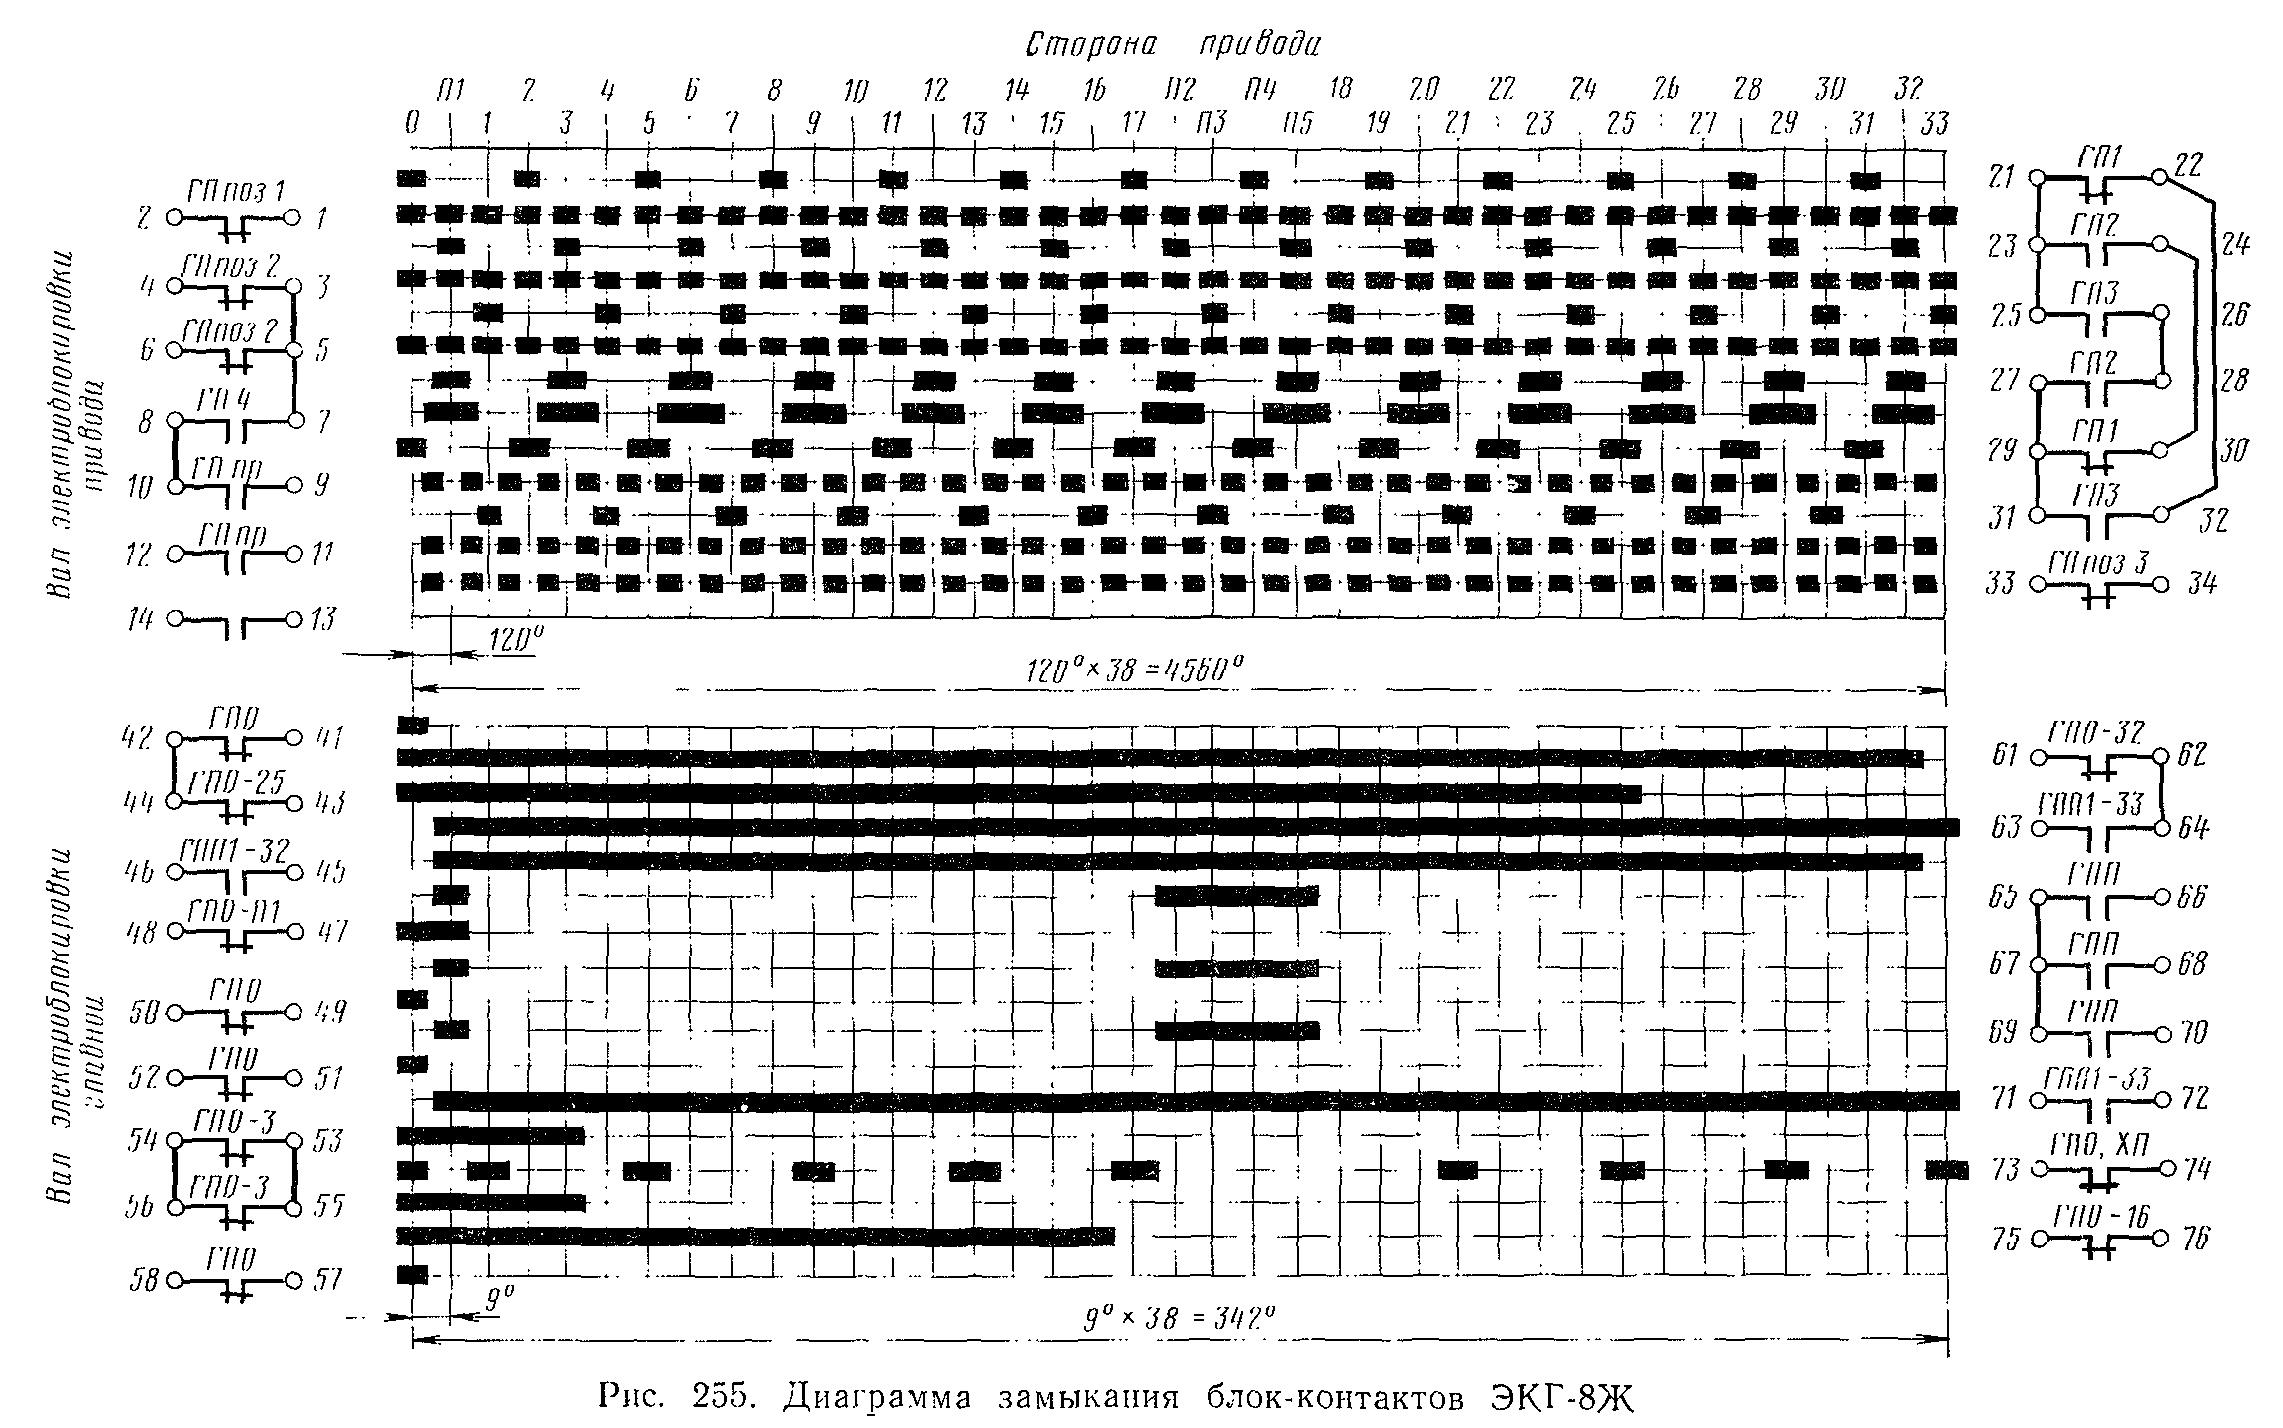 схема ходового редуктора экг 8